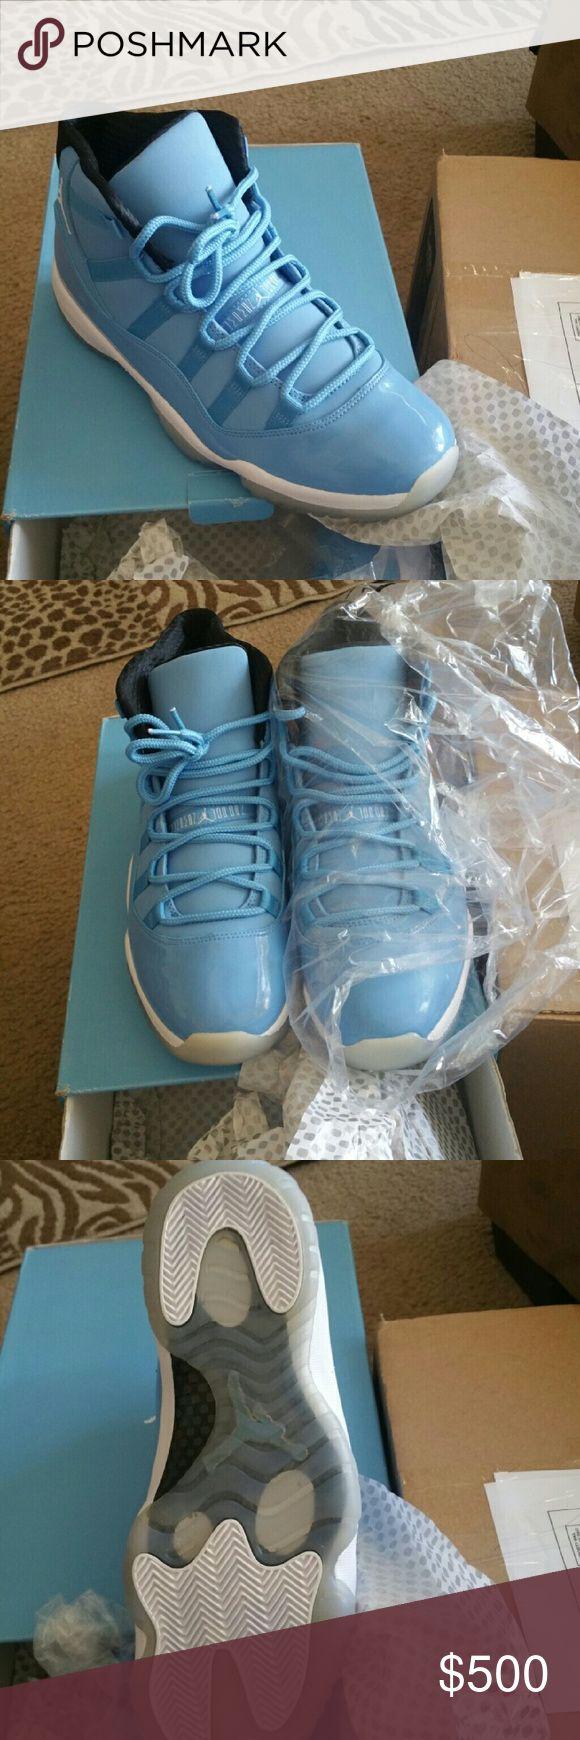 Pantone 11s Dead stock very rare jordan Jordan Shoes Sneakers